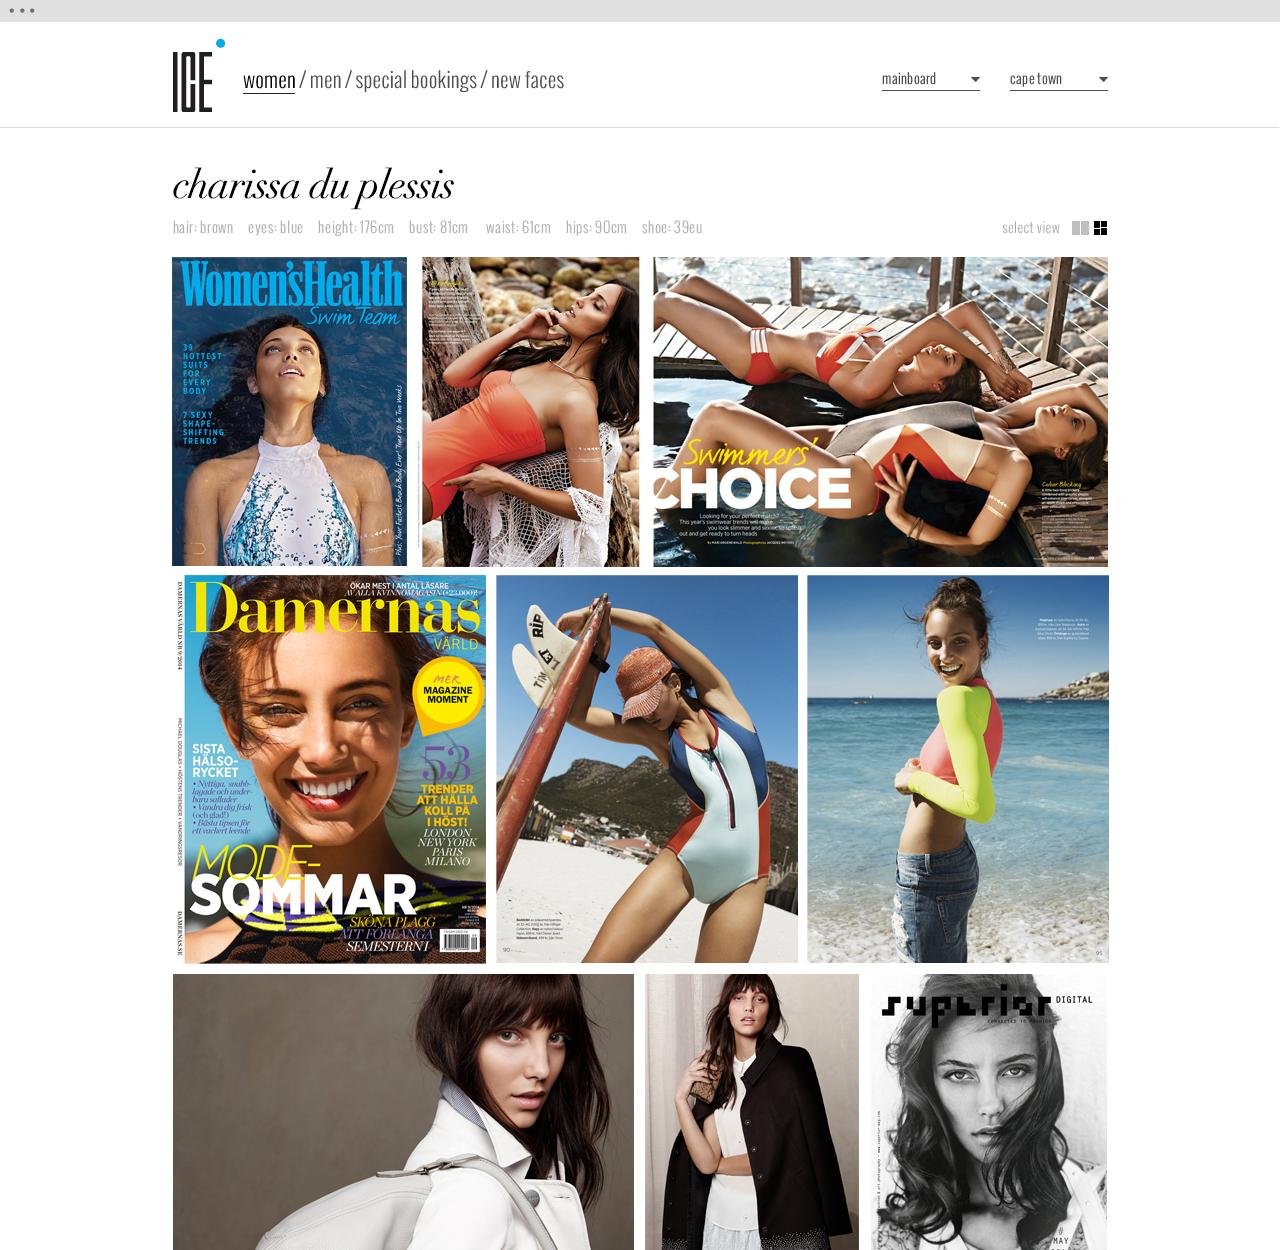 helloVlad.studio-ICE_models-website2.png